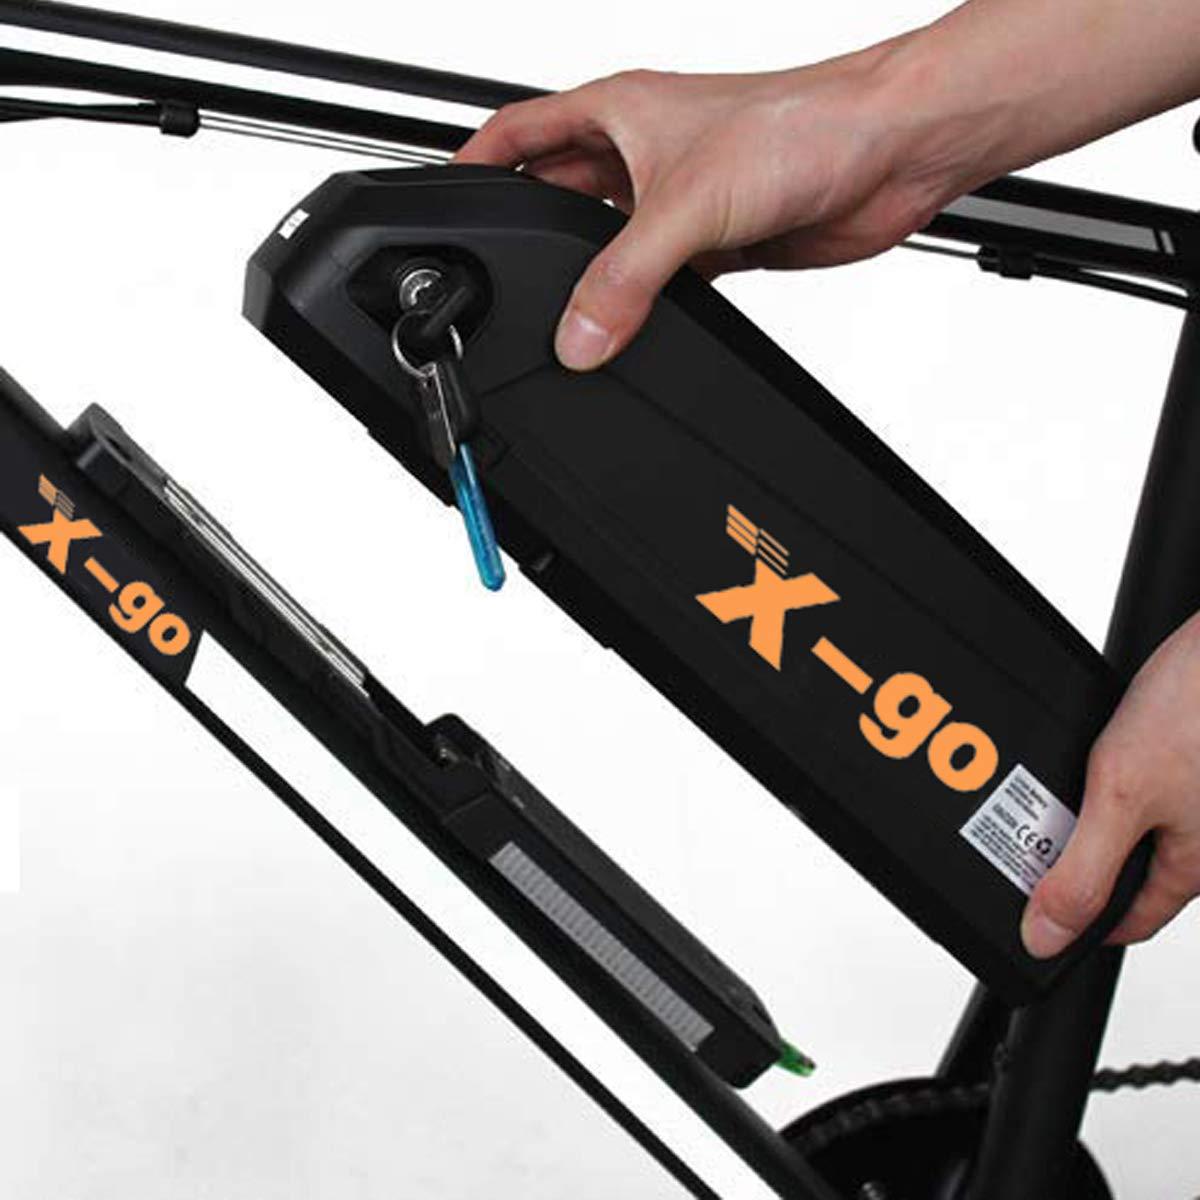 Descarga X-go Bateria para Bicicleta Electrica 48V 13AH Bateria Bici Electrica 48V Adecuado para Motor De 1000W con Cargador de 54V